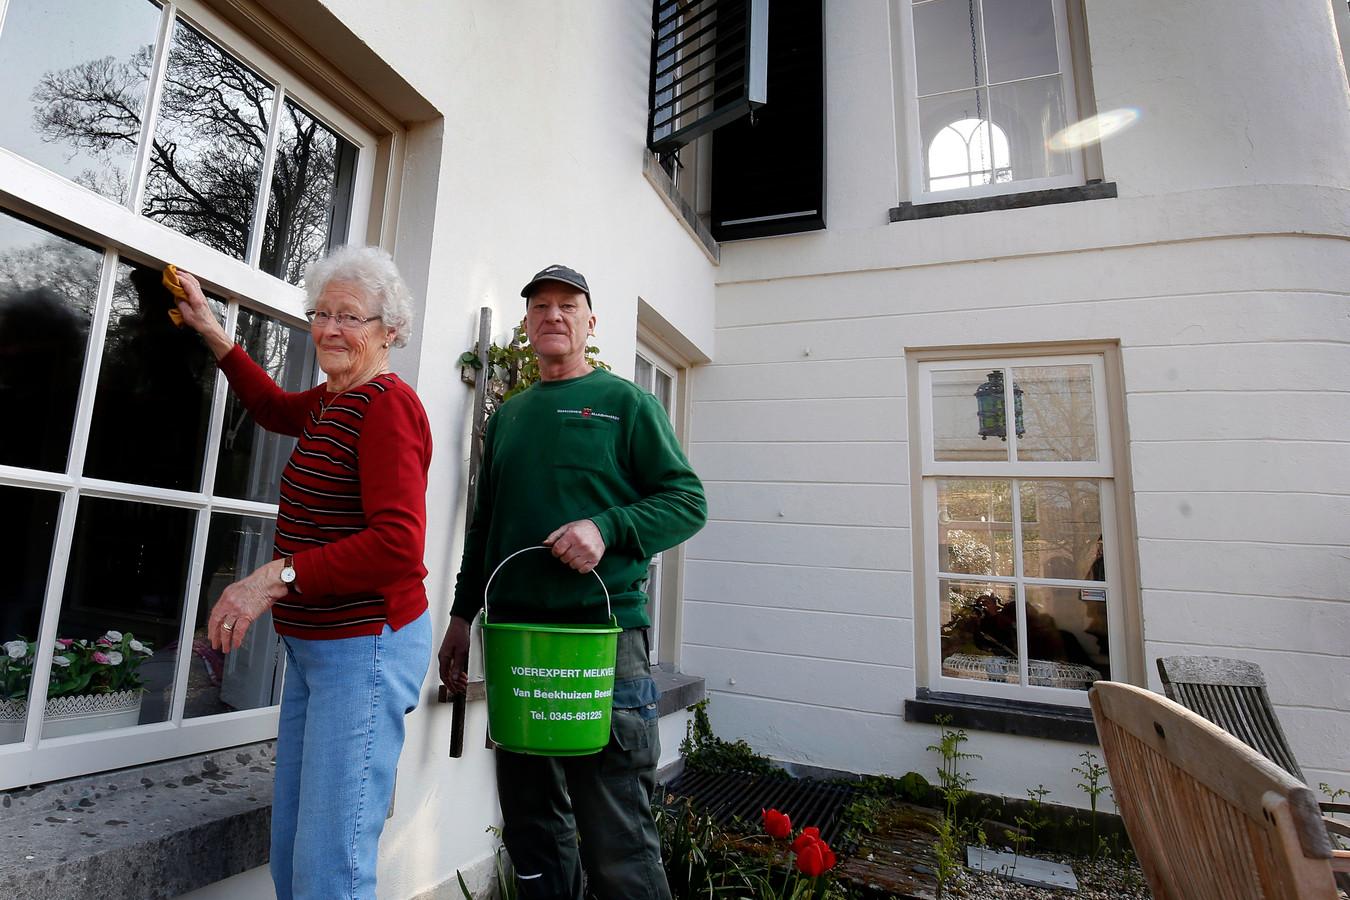 Huishoudster Pieta van der Burg en huisbewaarder Nico van der Hoeven zemen samen de ramen van het 'grote huis' op Mariënwaerdt.